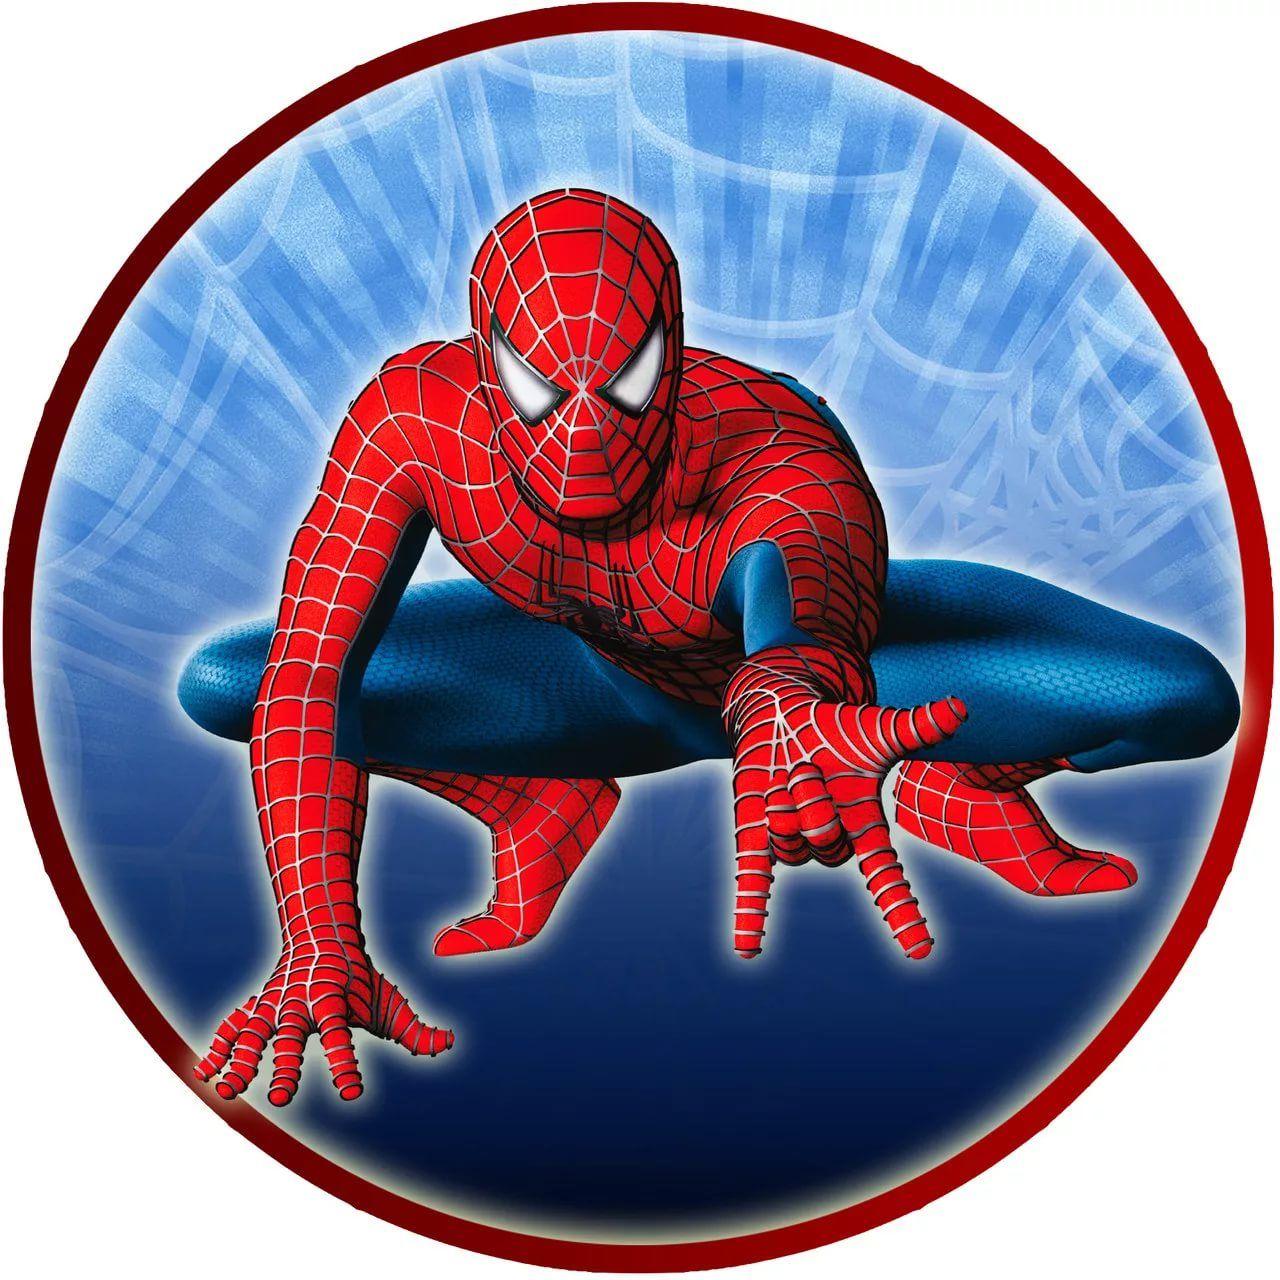 человек паук круглая картинка: 11 тыс изображений найдено ...